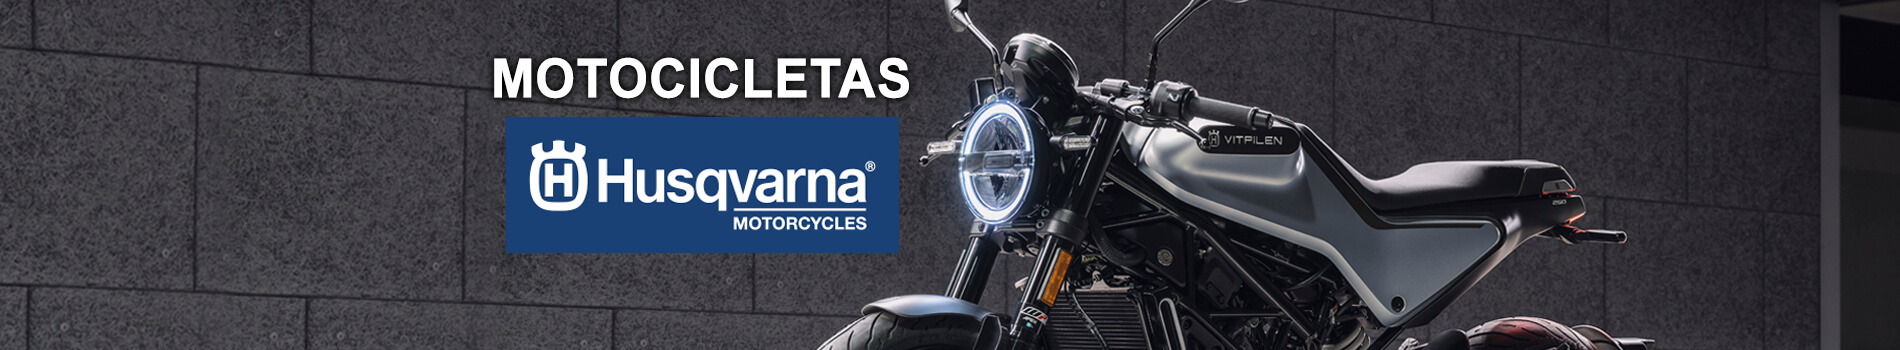 Motocicletas Husqvarna